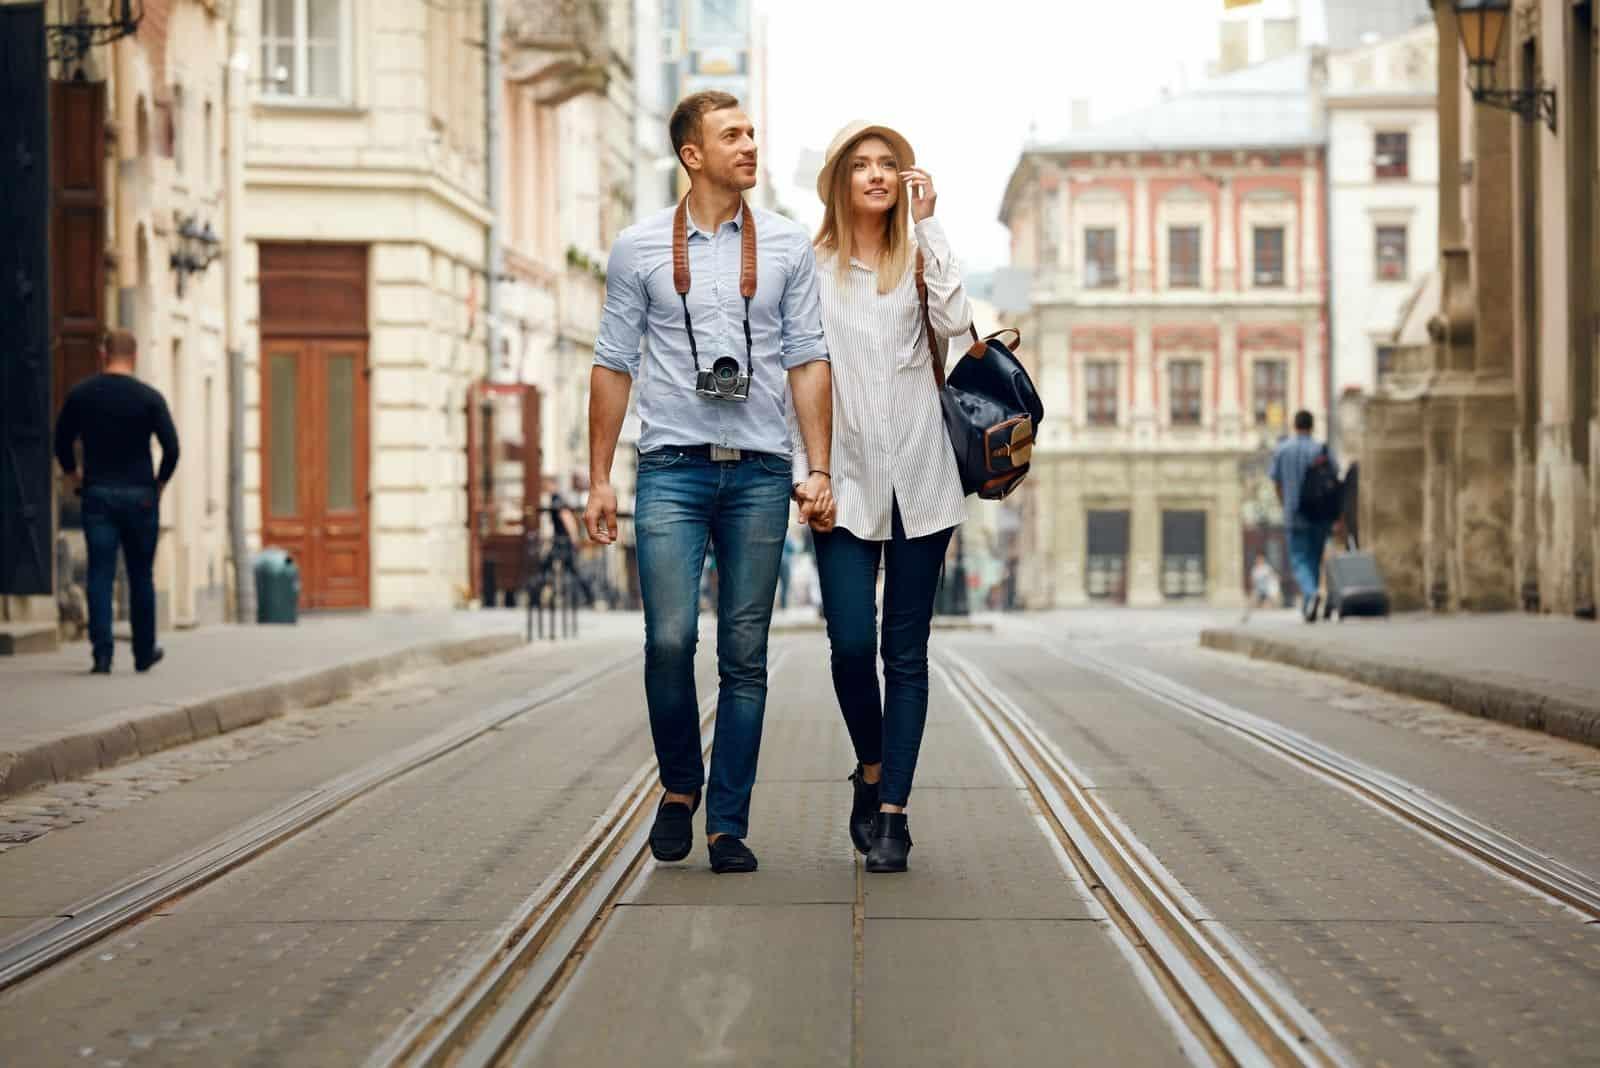 Schönes junges Paar In stilvoller Kleidung Sehenswürdigkeiten der Stadt besichtigen, Architektur betrachten